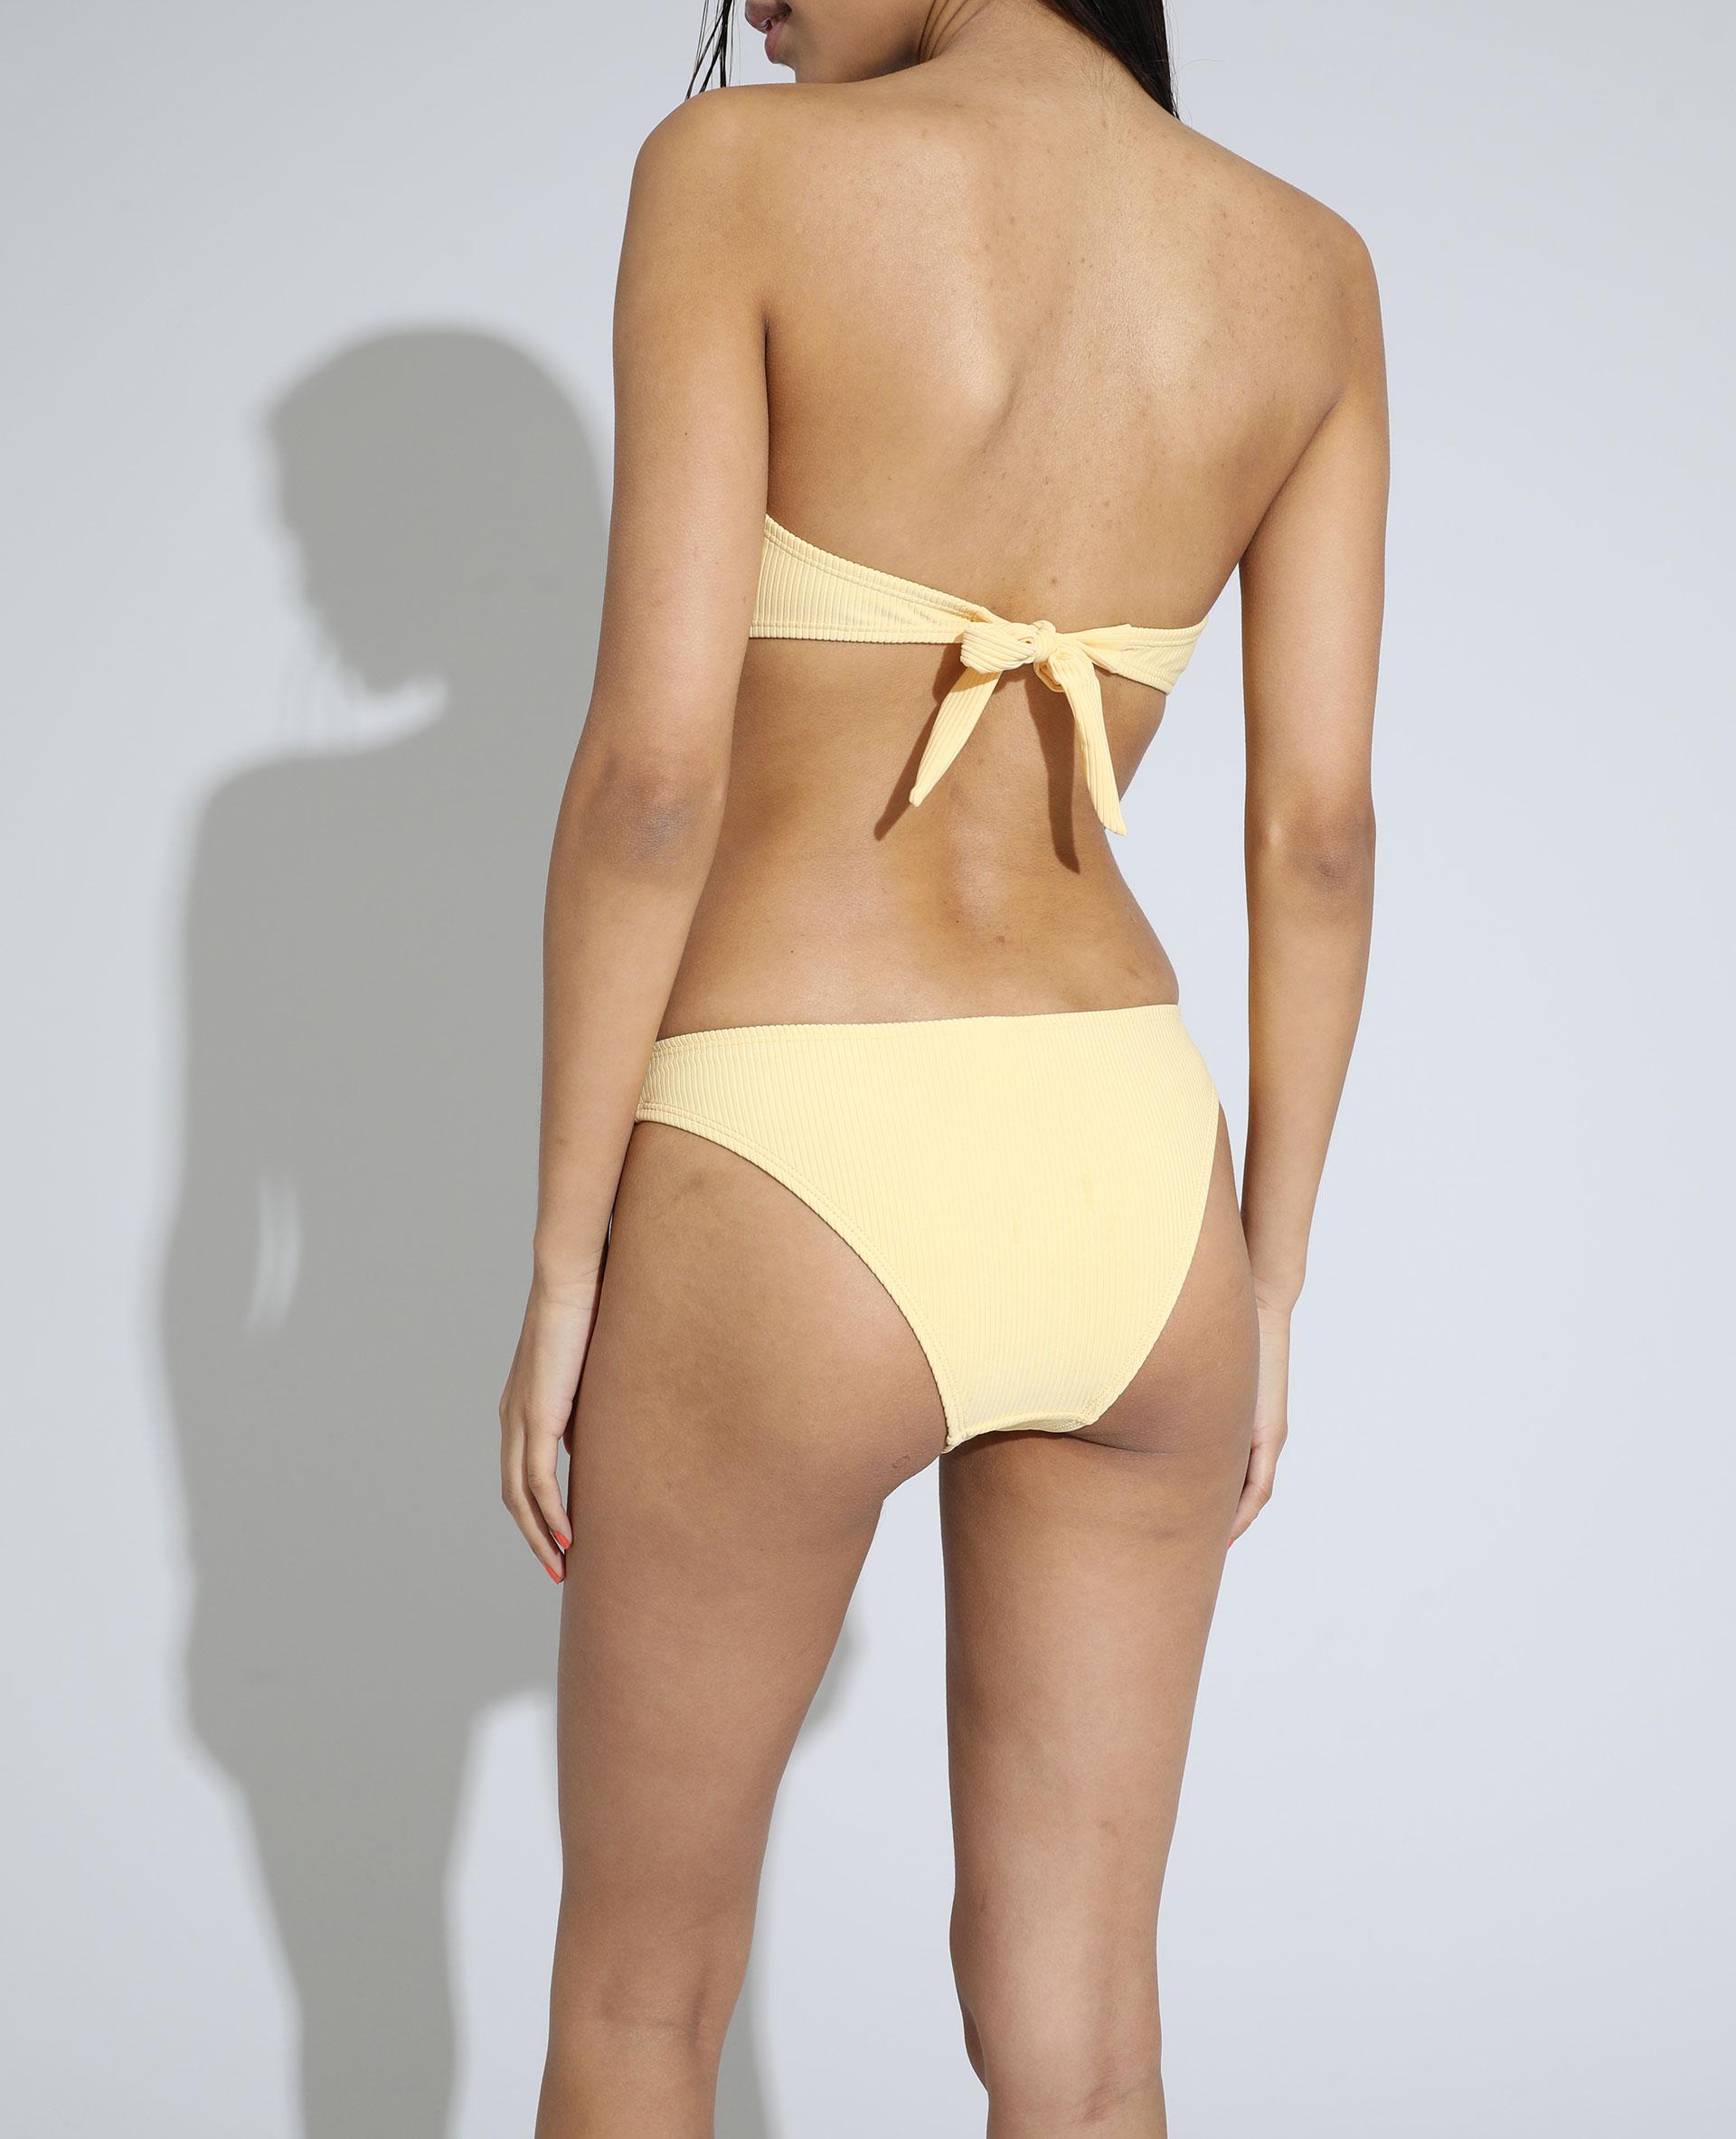 Bas de maillot de bain culotte côtelé jaune pâle - Pimkie